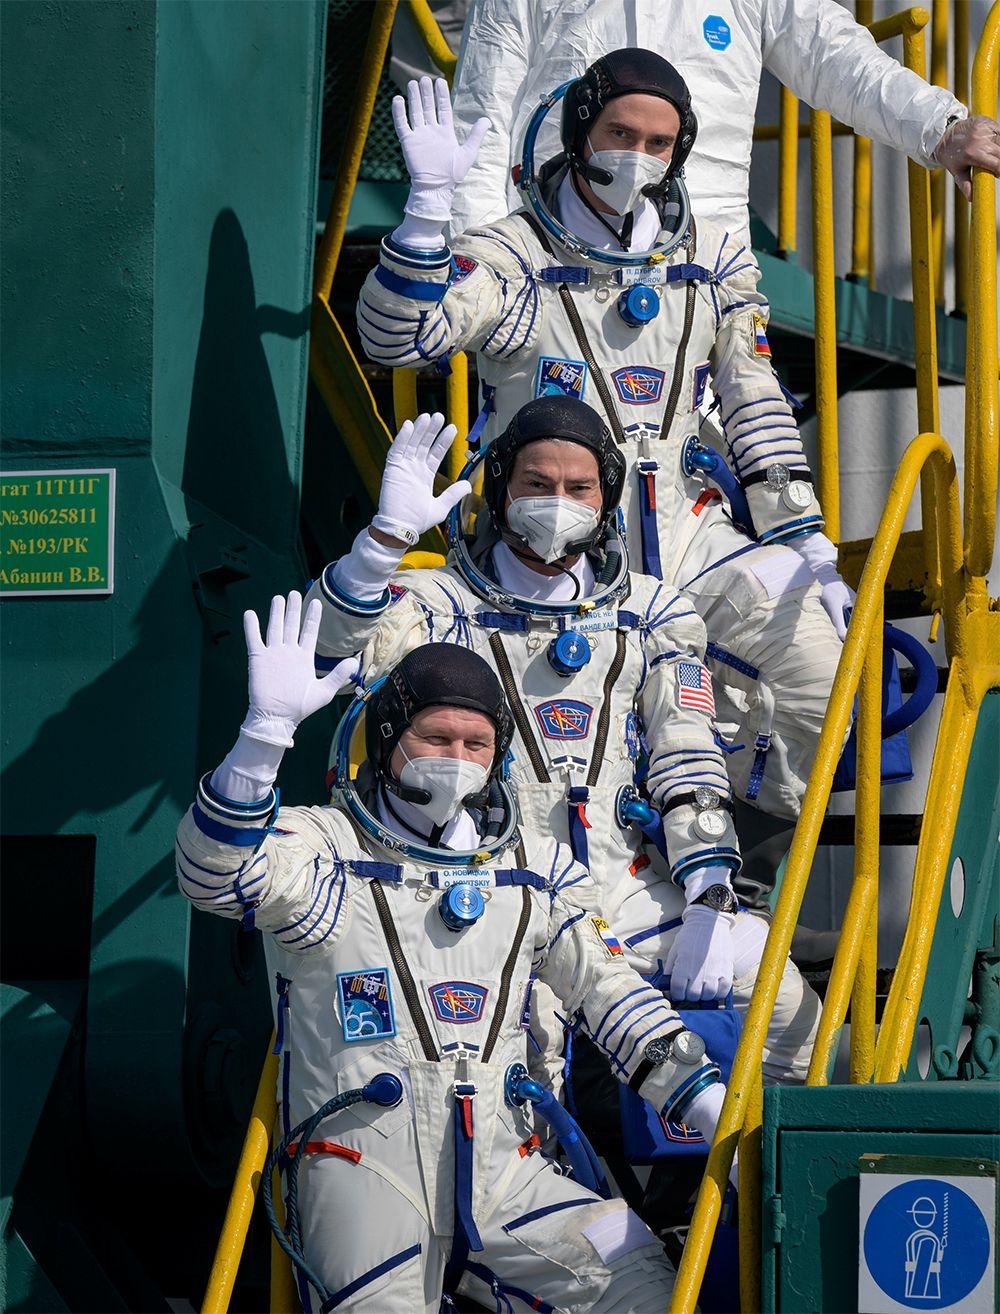 Космонавты поднимаются в ракету.